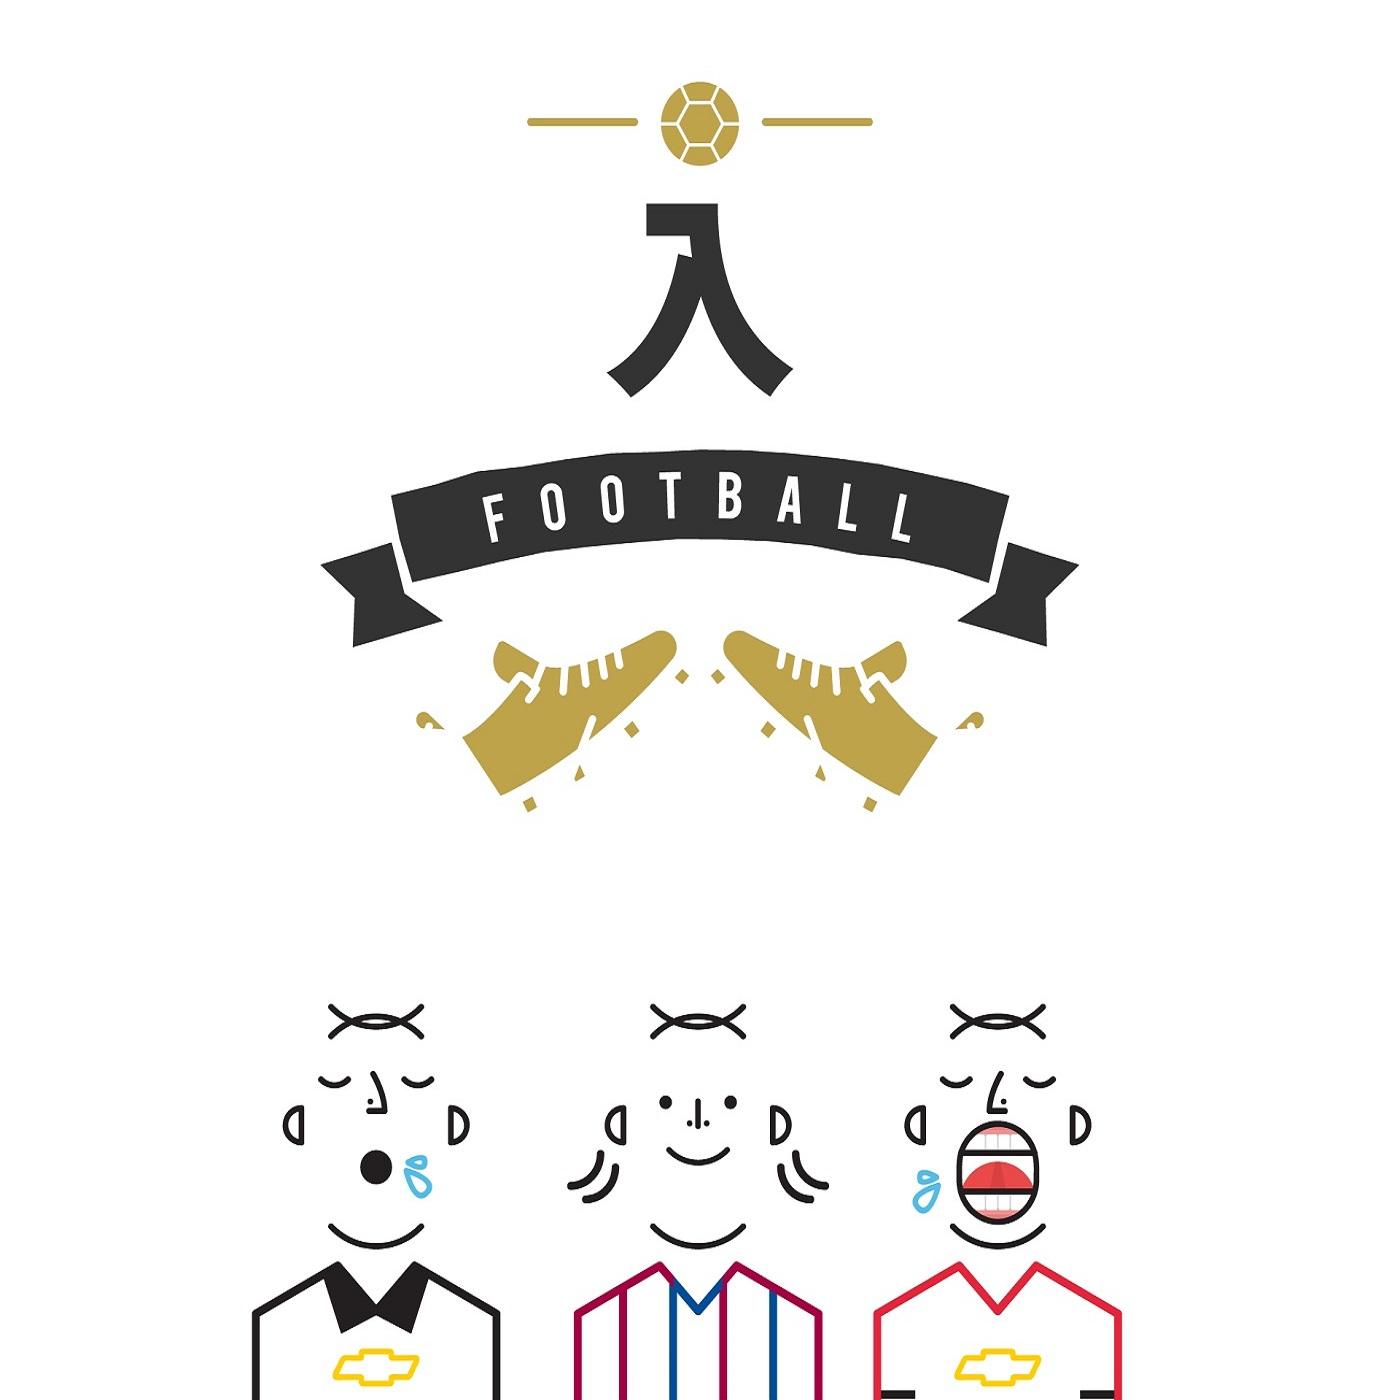 축구팟캐스트 入축구(입축구)